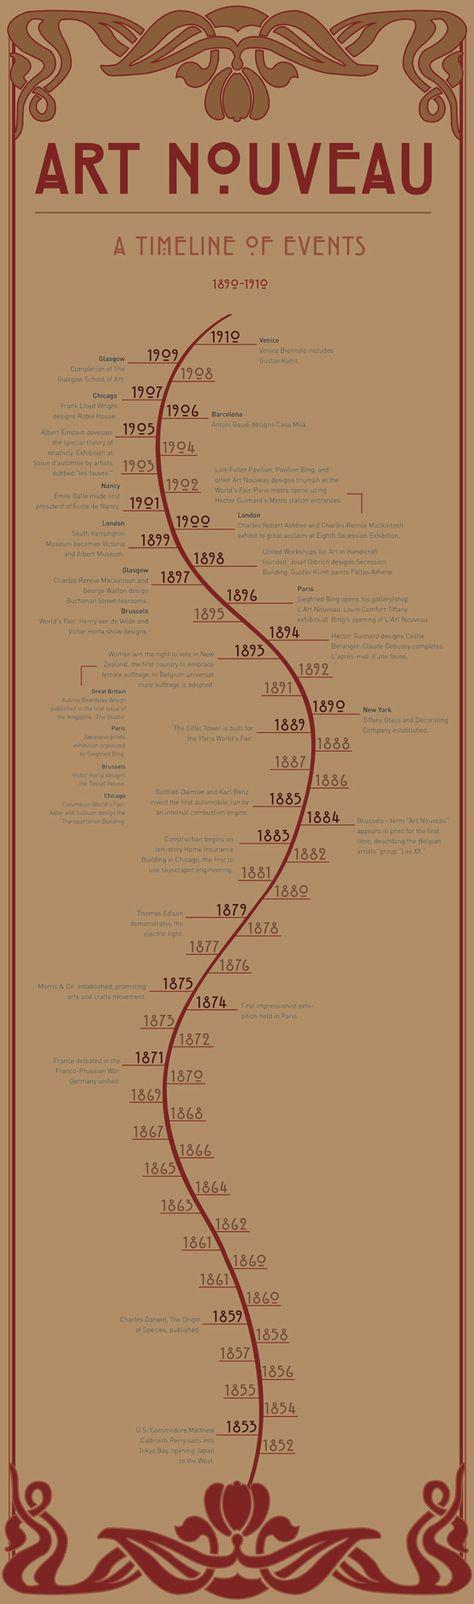 Art Nouveau - A Timeline of Events